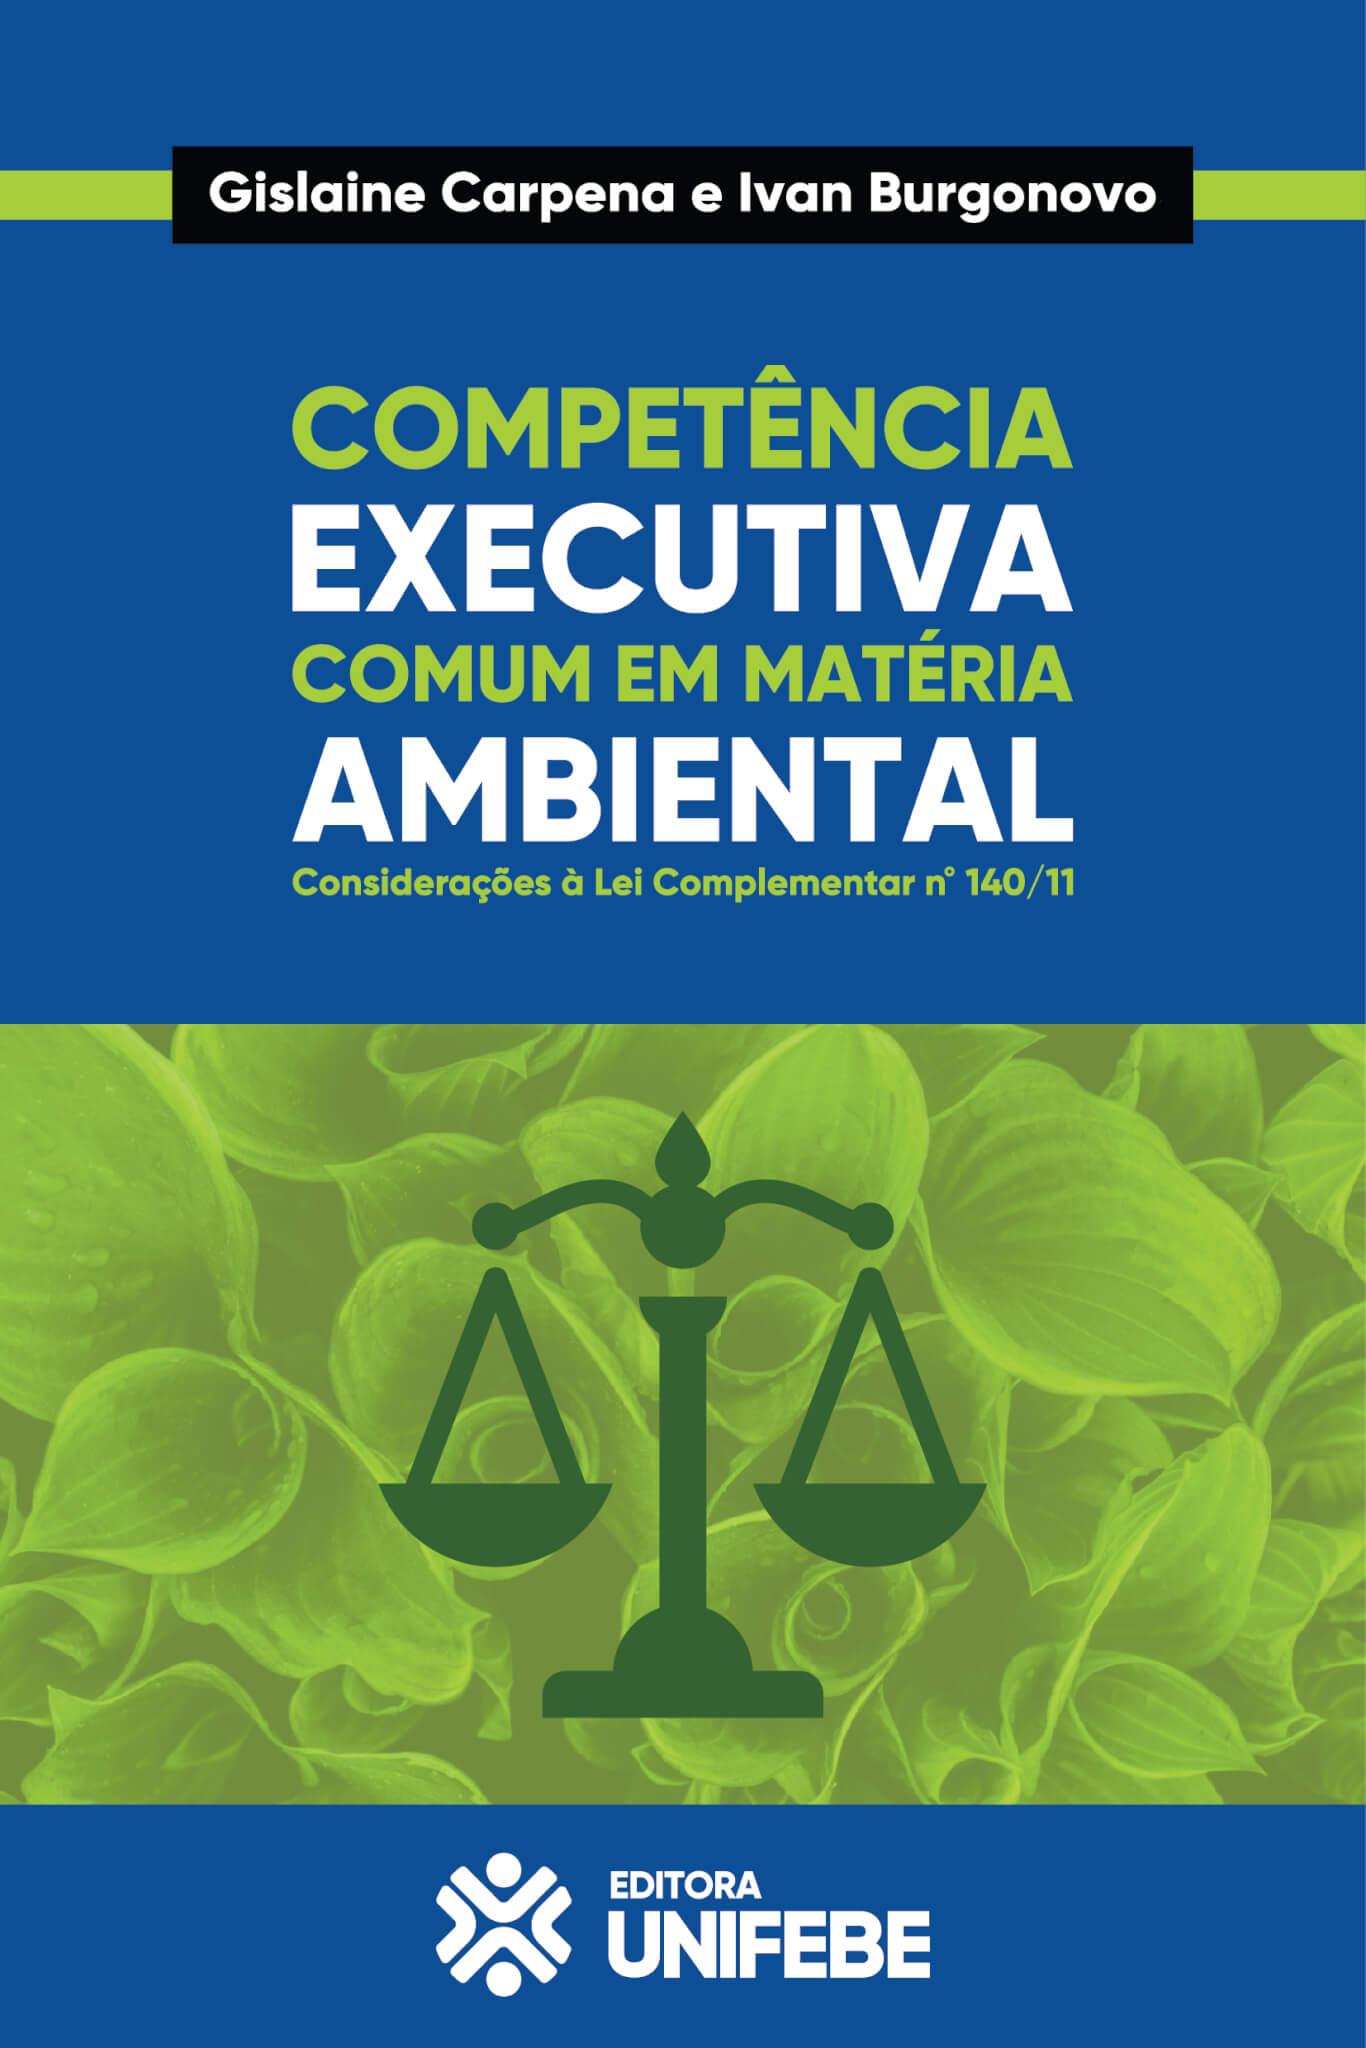 2 capa competencia executiva comum em materia ambiental